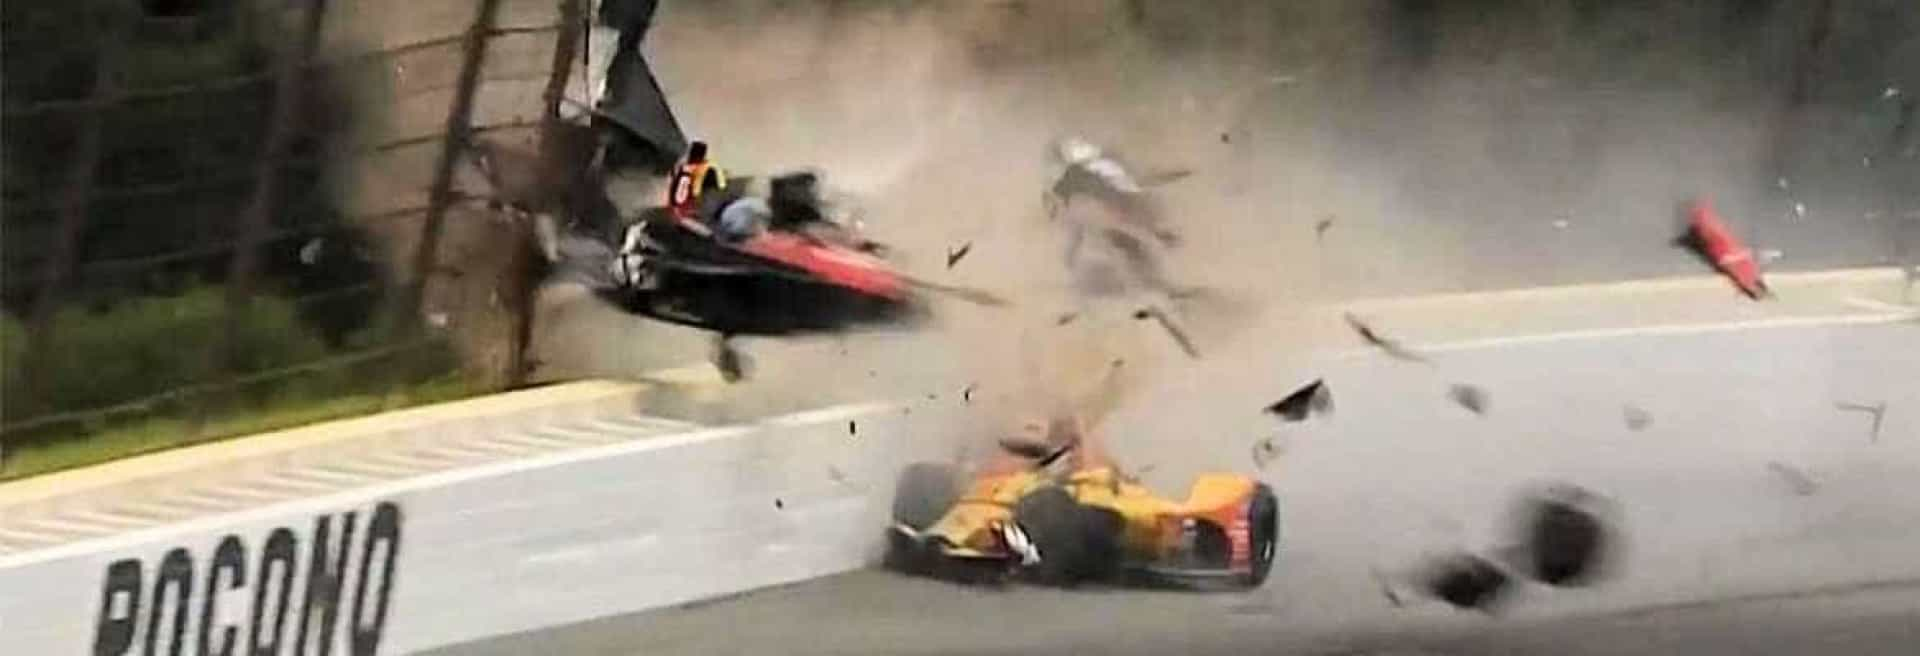 Grave acidente destrói carro e deixa piloto hospitalizado; vídeo